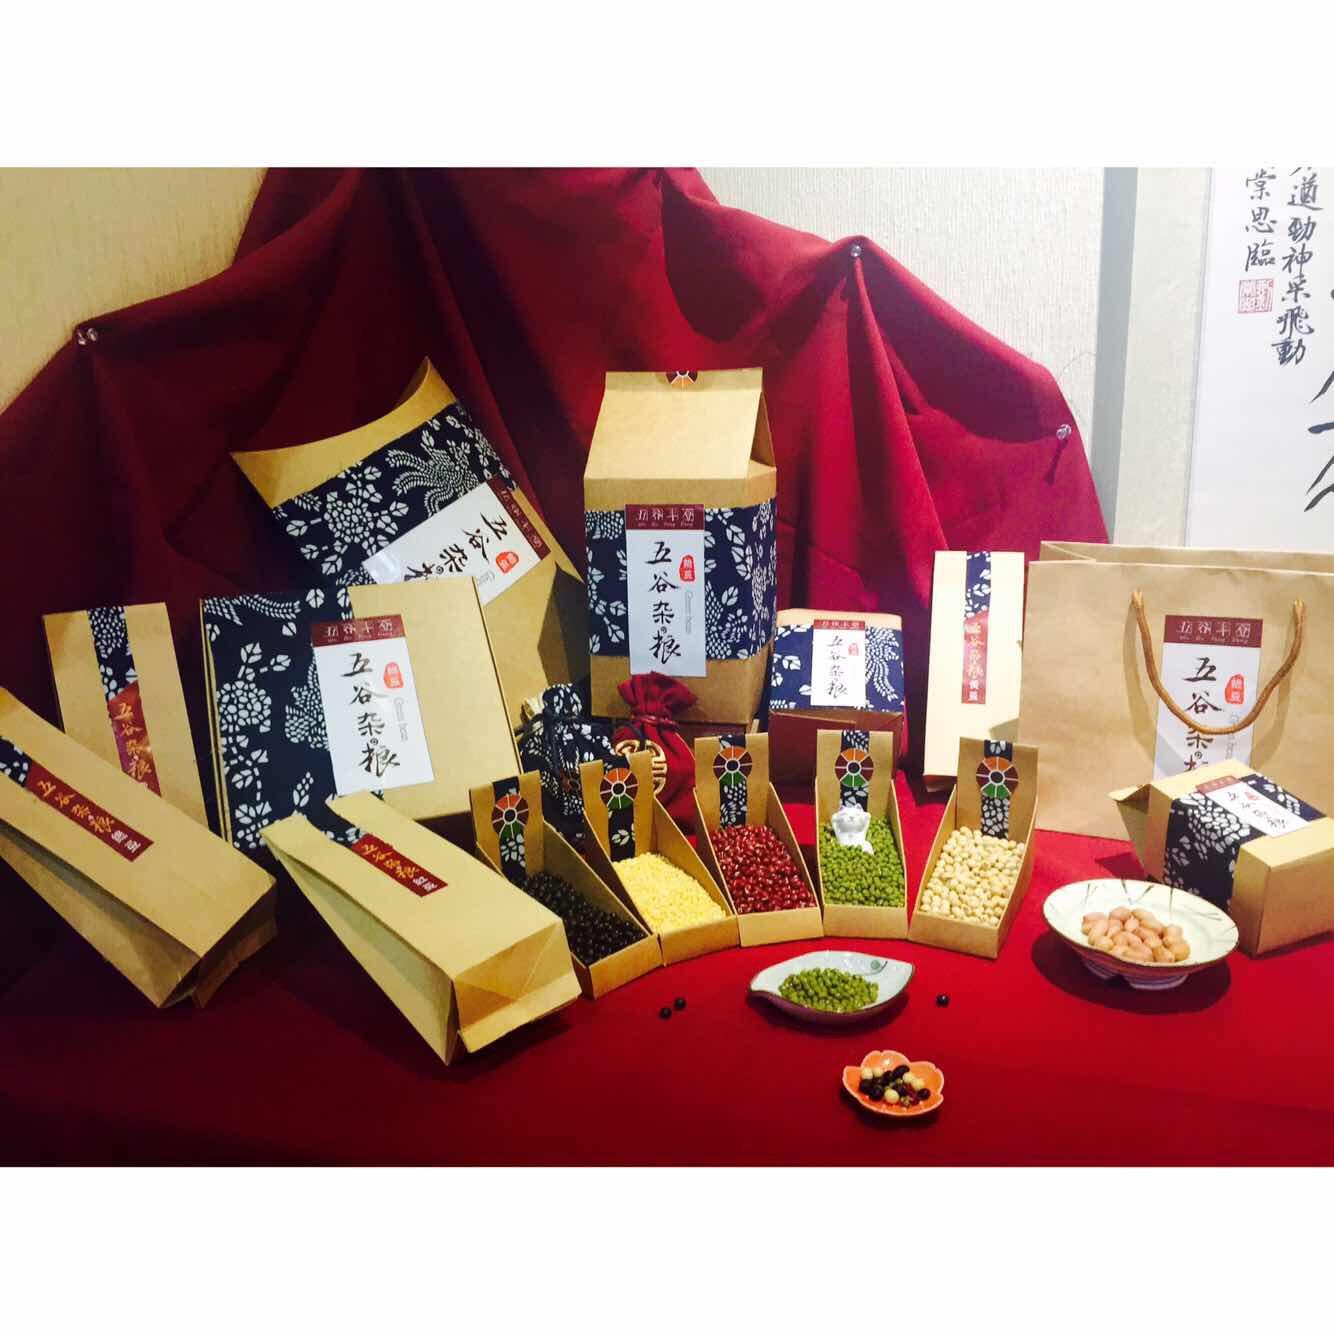 五谷杂粮包装及谷物logo设计图片